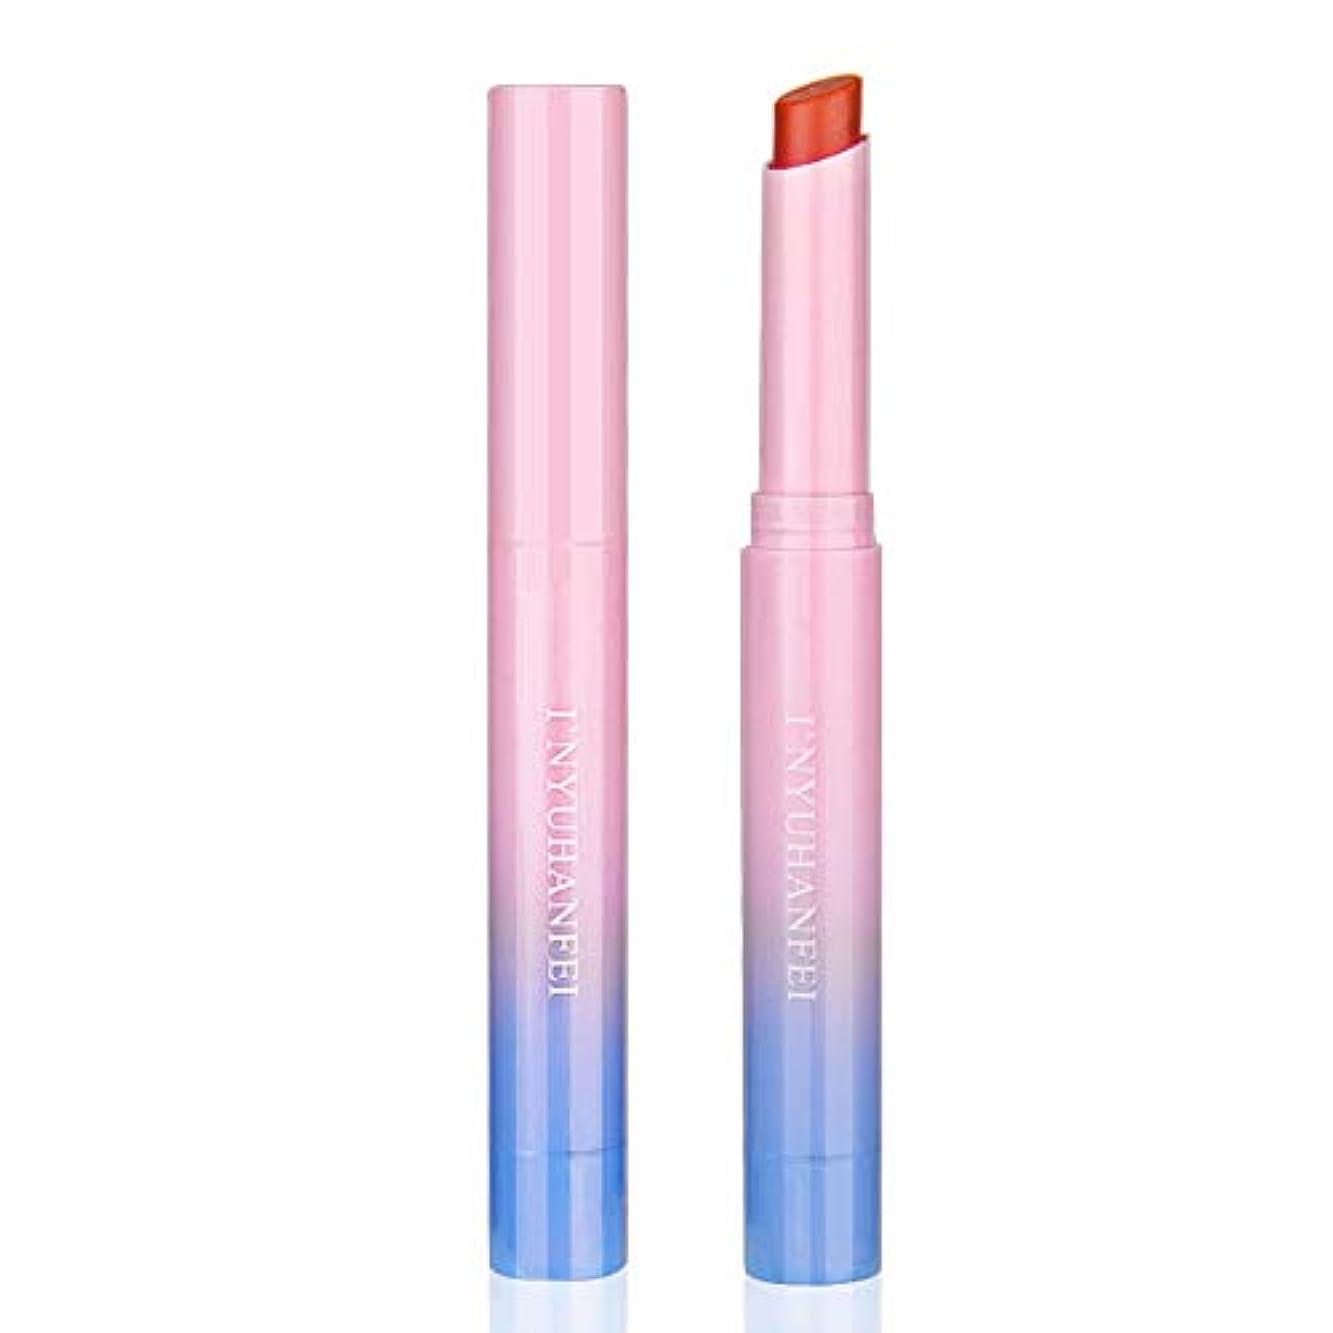 昇進分泌する勘違いするFGULリップグロス怠惰な口紅長続きがする化粧品グラデーションカラー回転保湿リップスティック